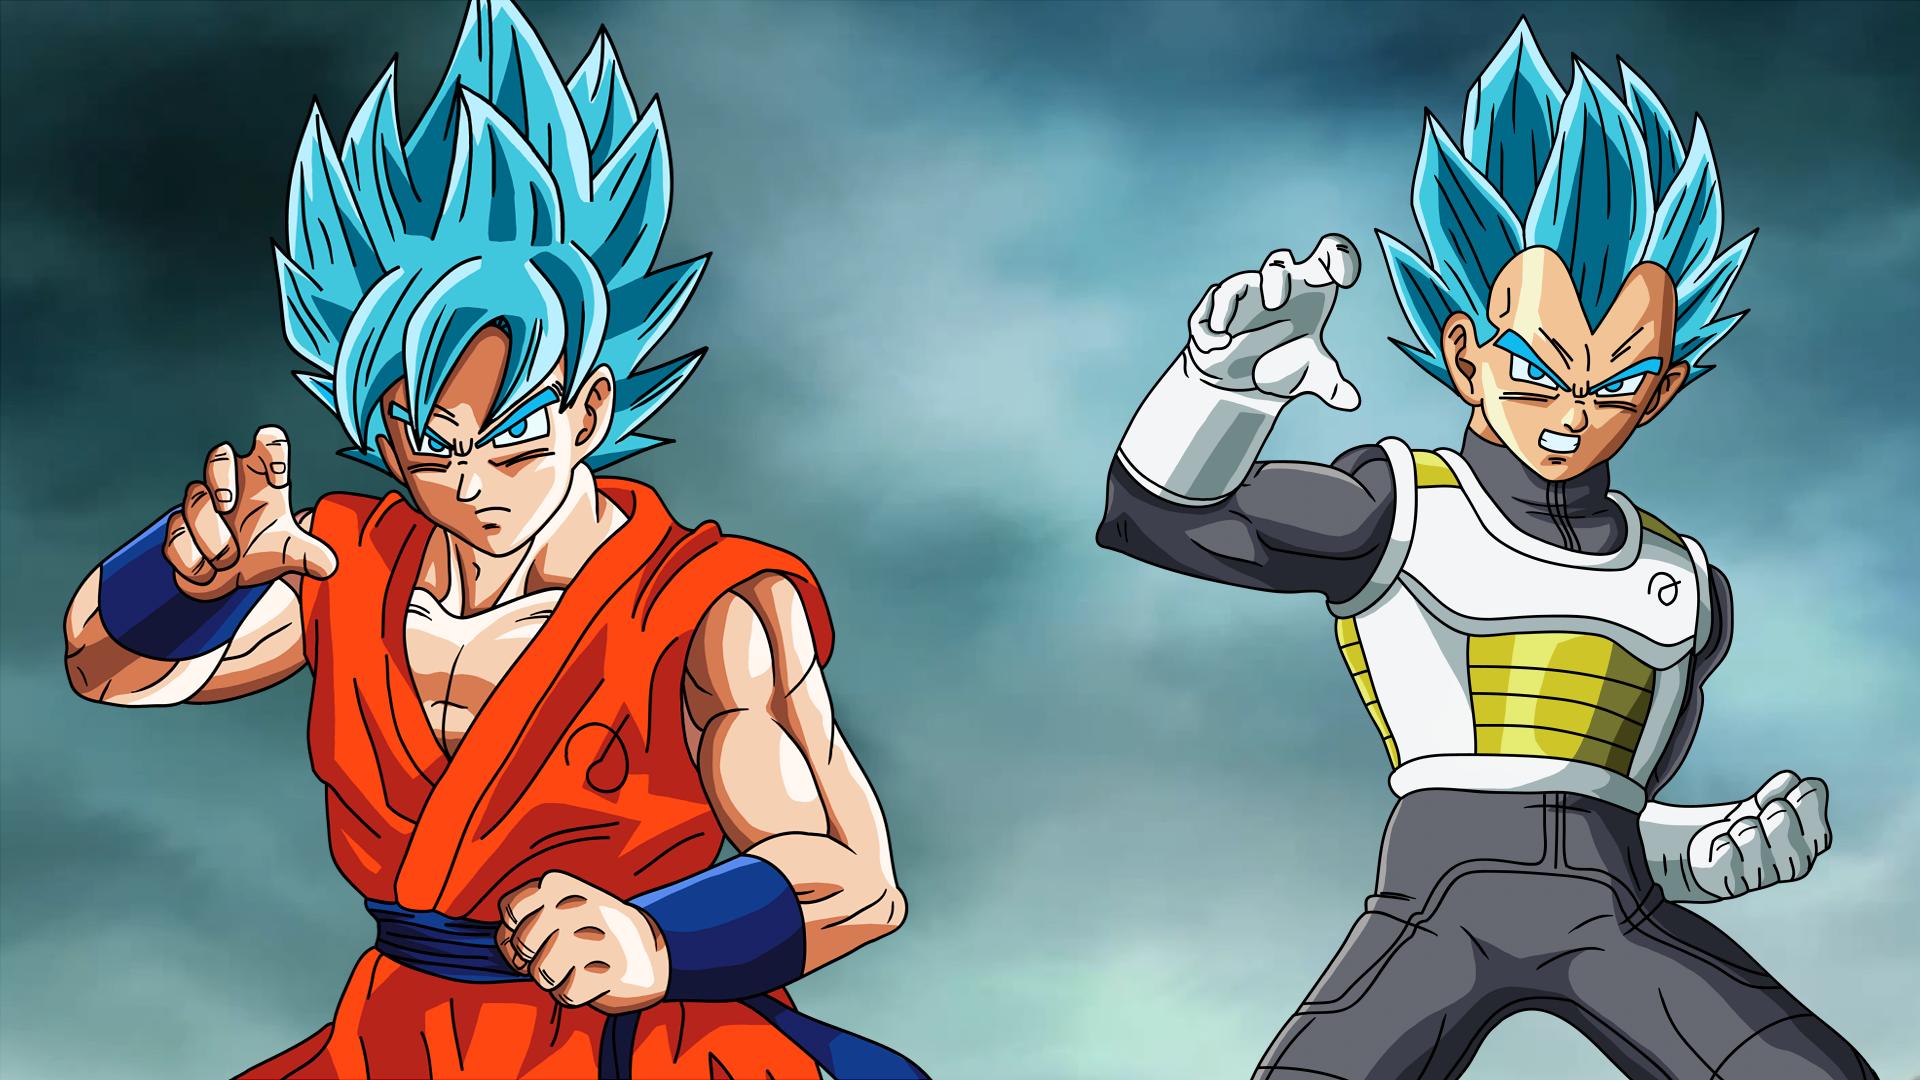 Goku And Vegeta Fukkatsu No F Ssjgod Ss Wallpaper By